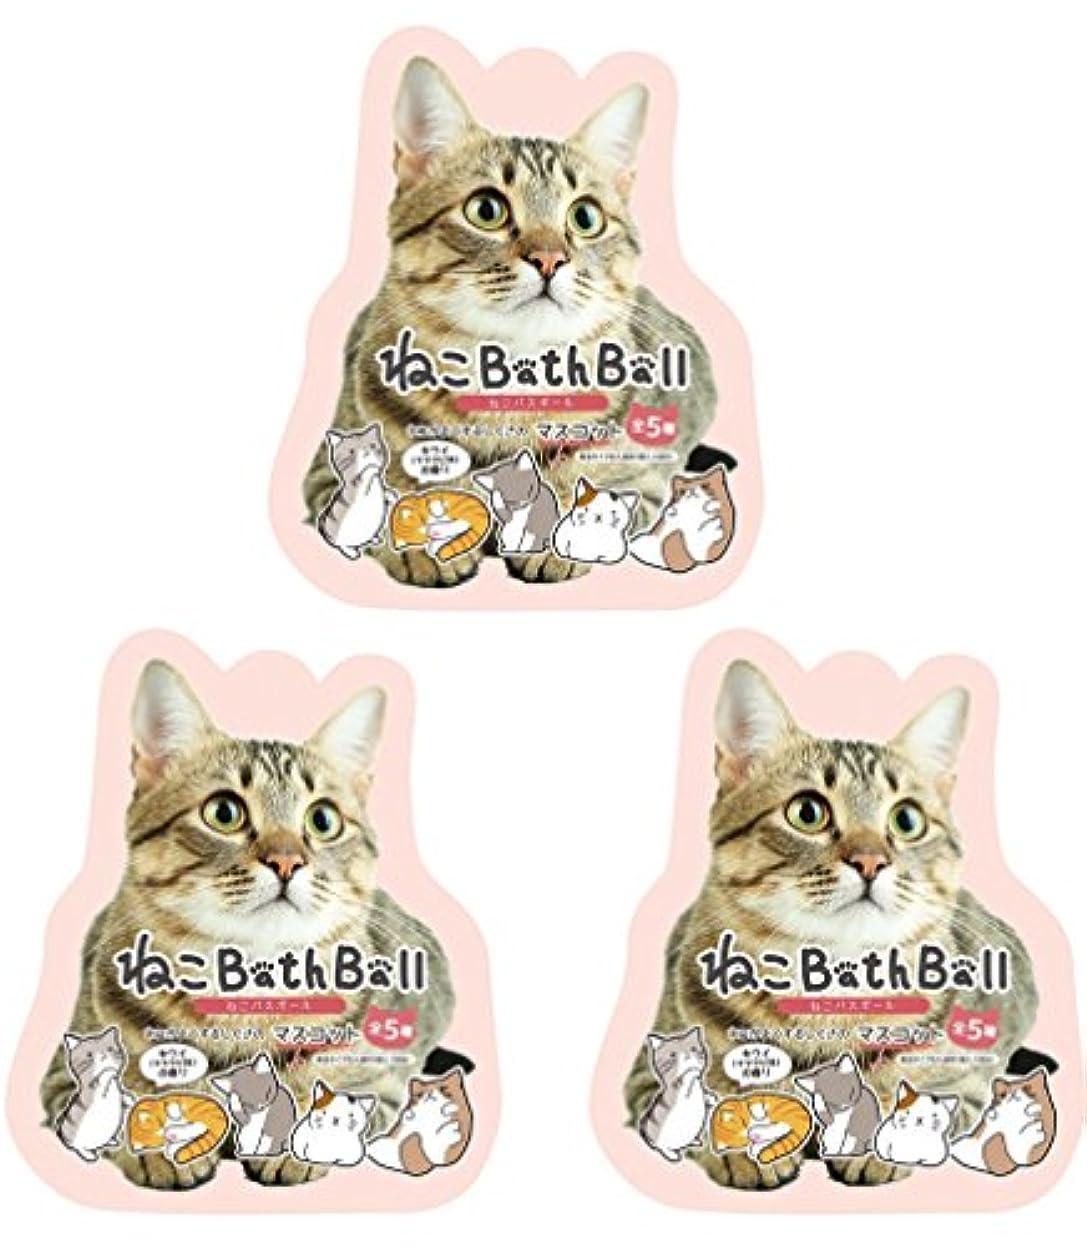 交差点等価原油ねこ 入浴剤 猫マスコットが飛び出るバスボール 3個セット